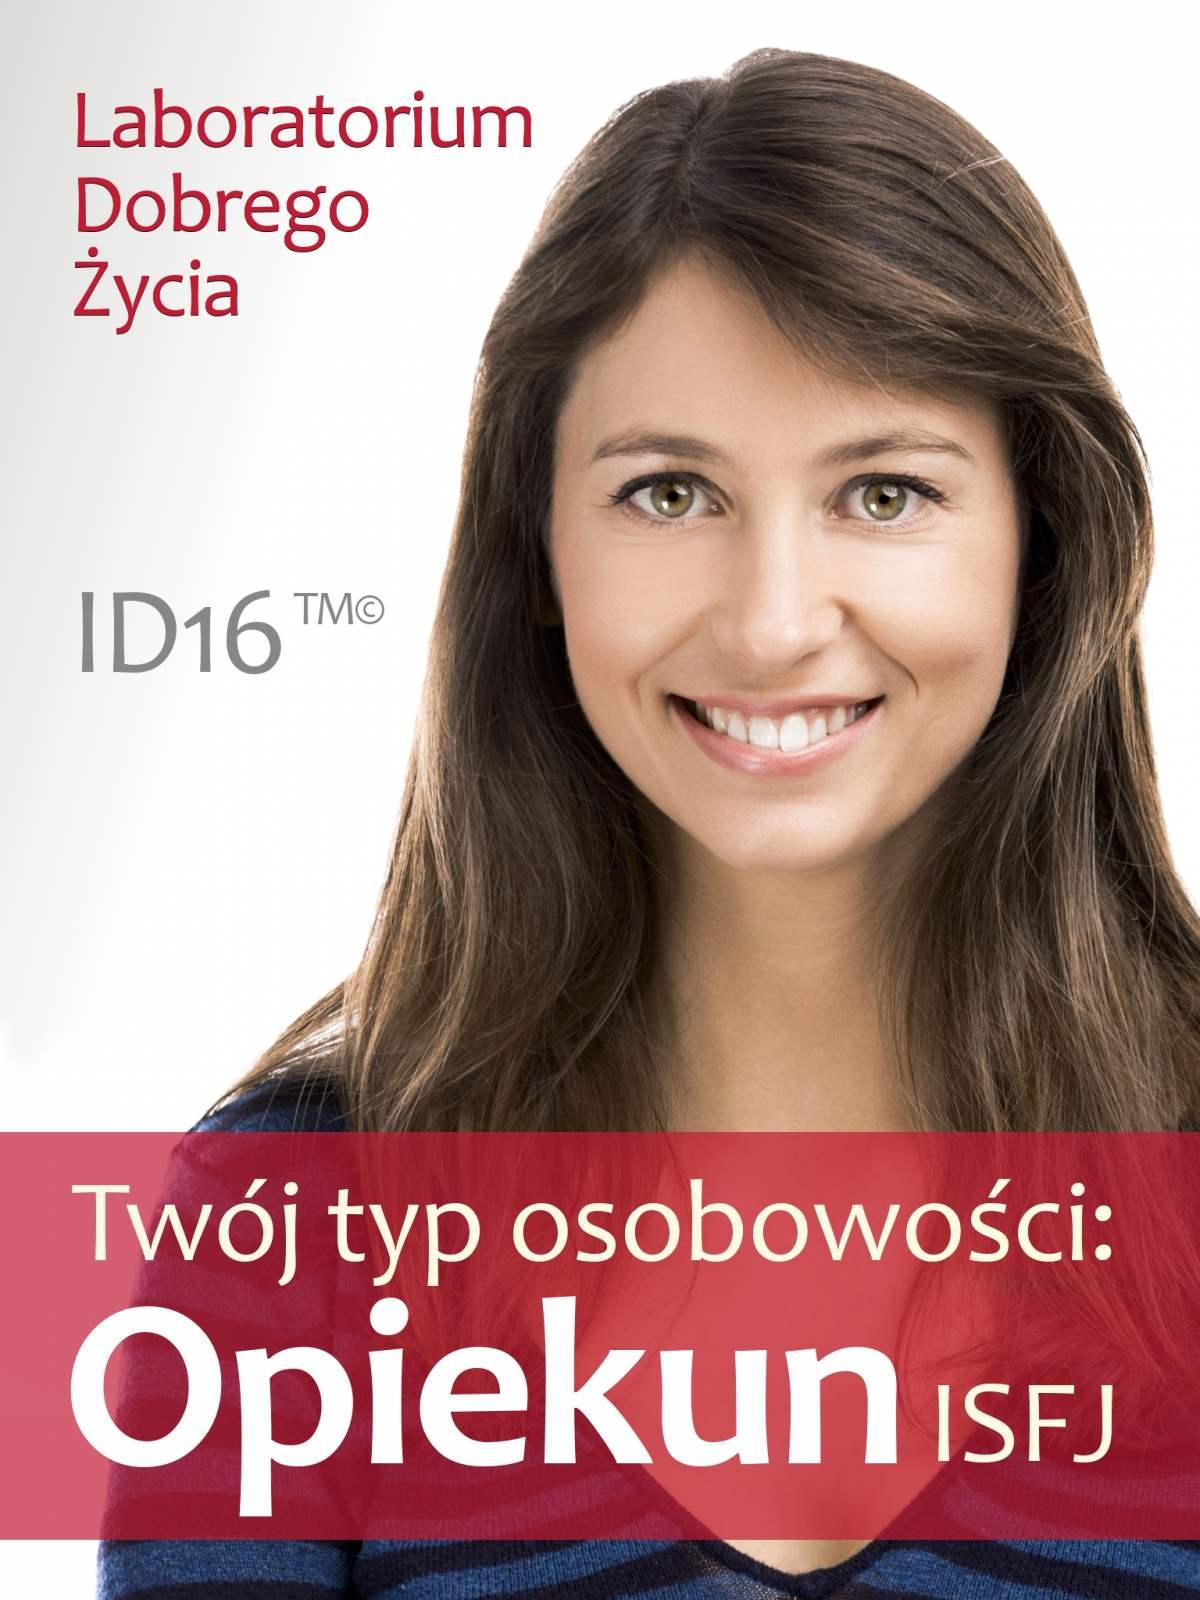 Twój typ osobowości: Opiekun (ISFJ) - Ebook (Książka EPUB) do pobrania w formacie EPUB